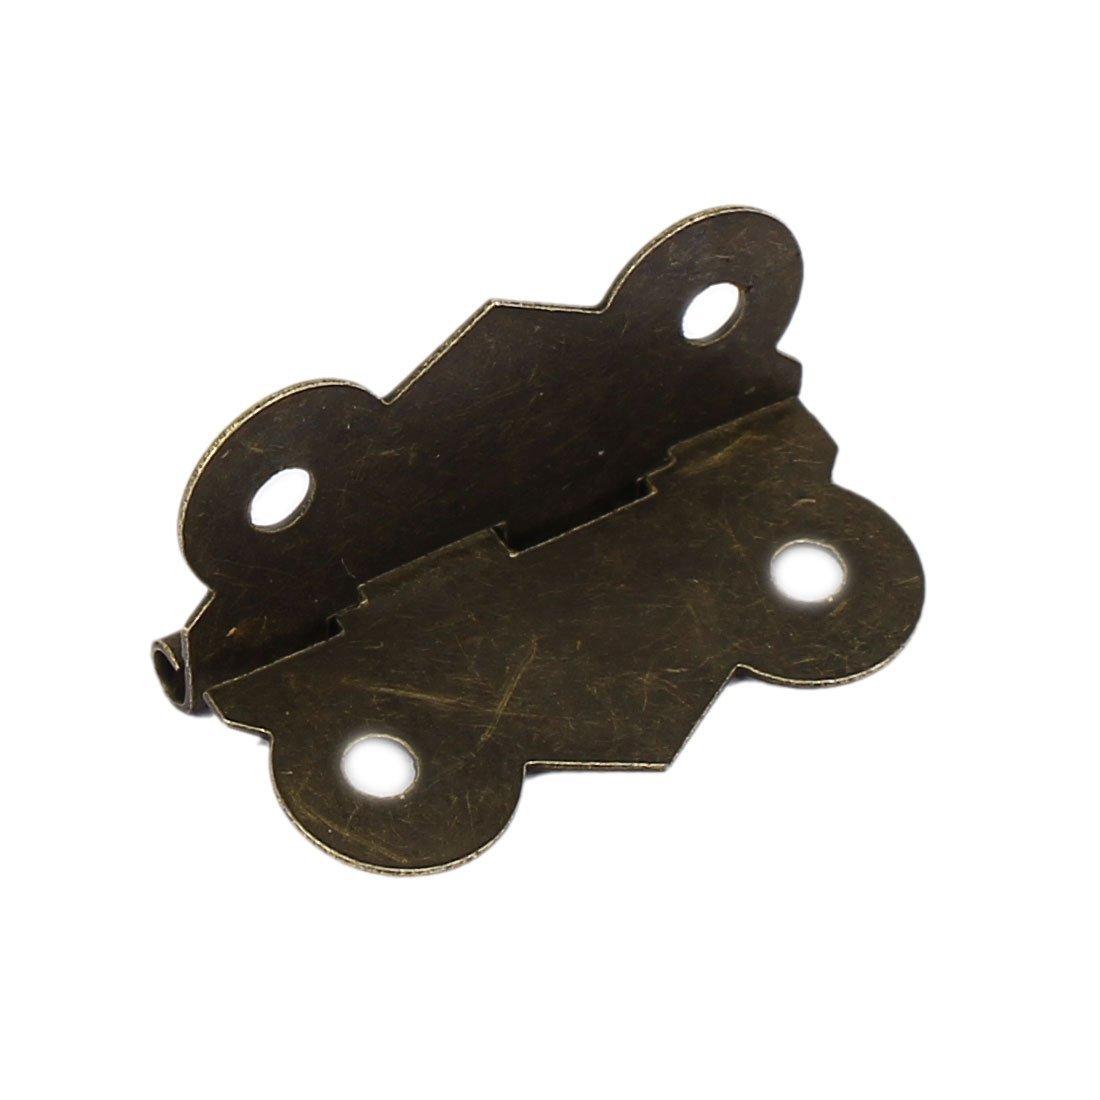 eDealMax caso di legno 30 millimetri lungo retrò stampa stile Cuscinetto Cerniera tono del bronzo 50pcs by eDealMax